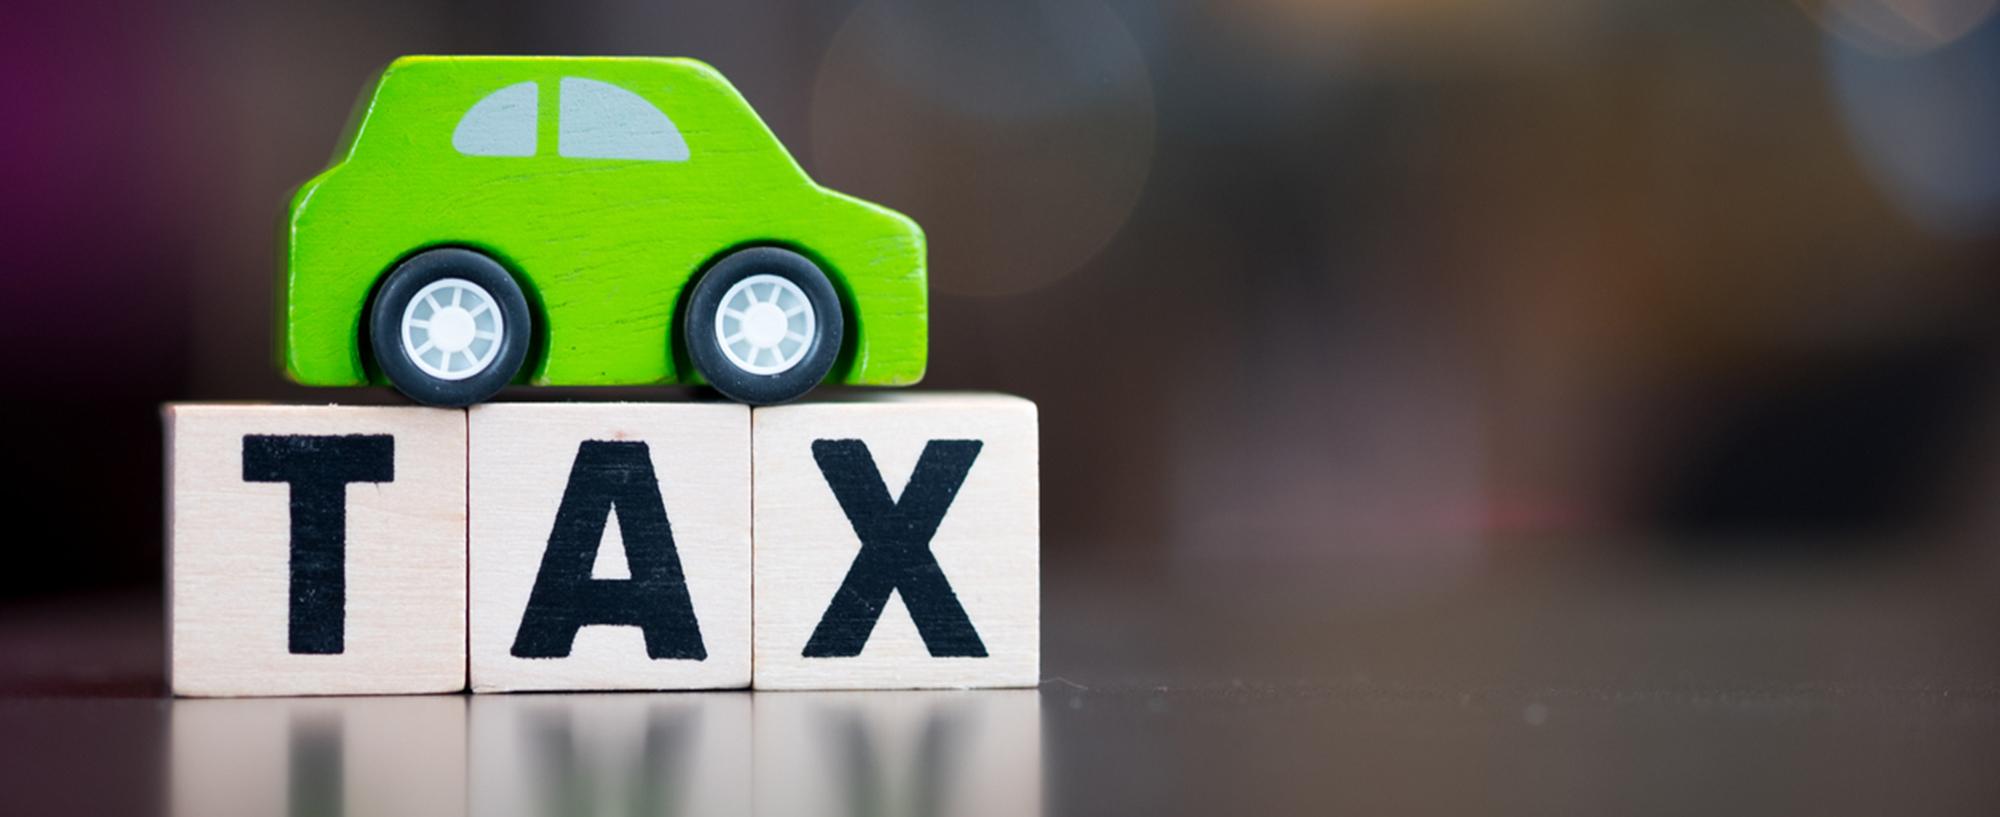 Tax Increase Coming